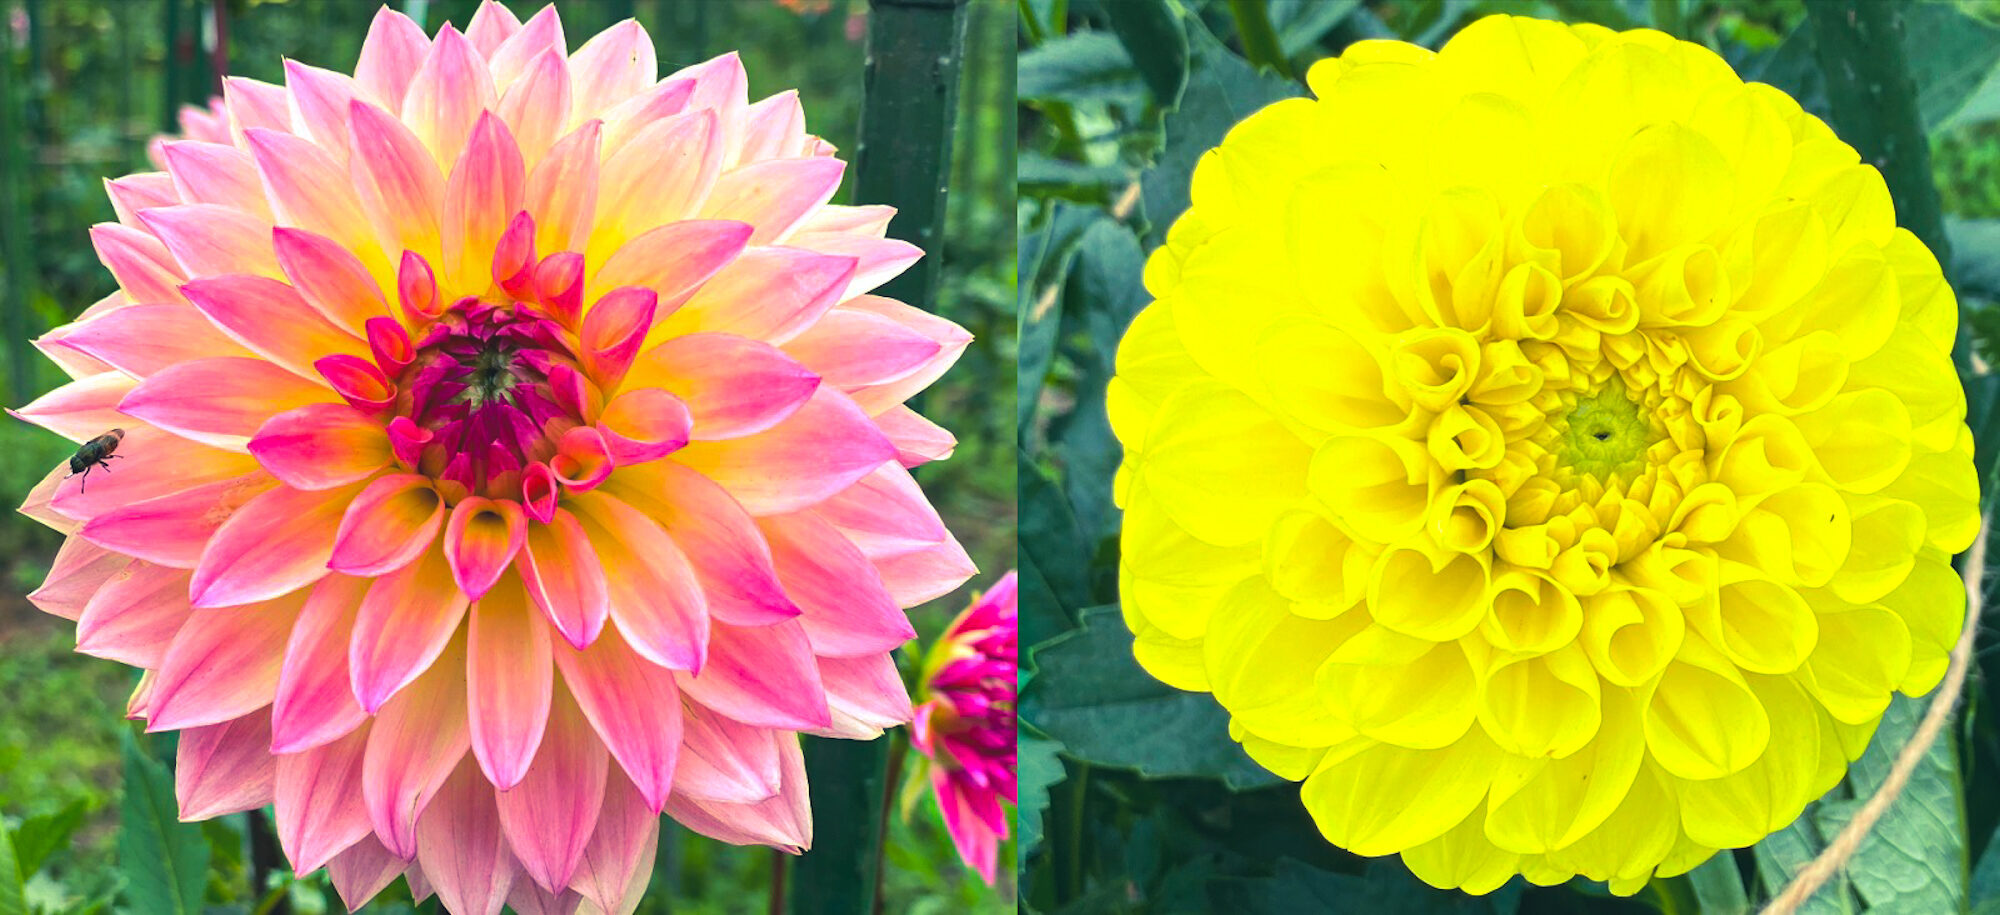 木島平村にあるやまびこの丘公園のダリアの花1